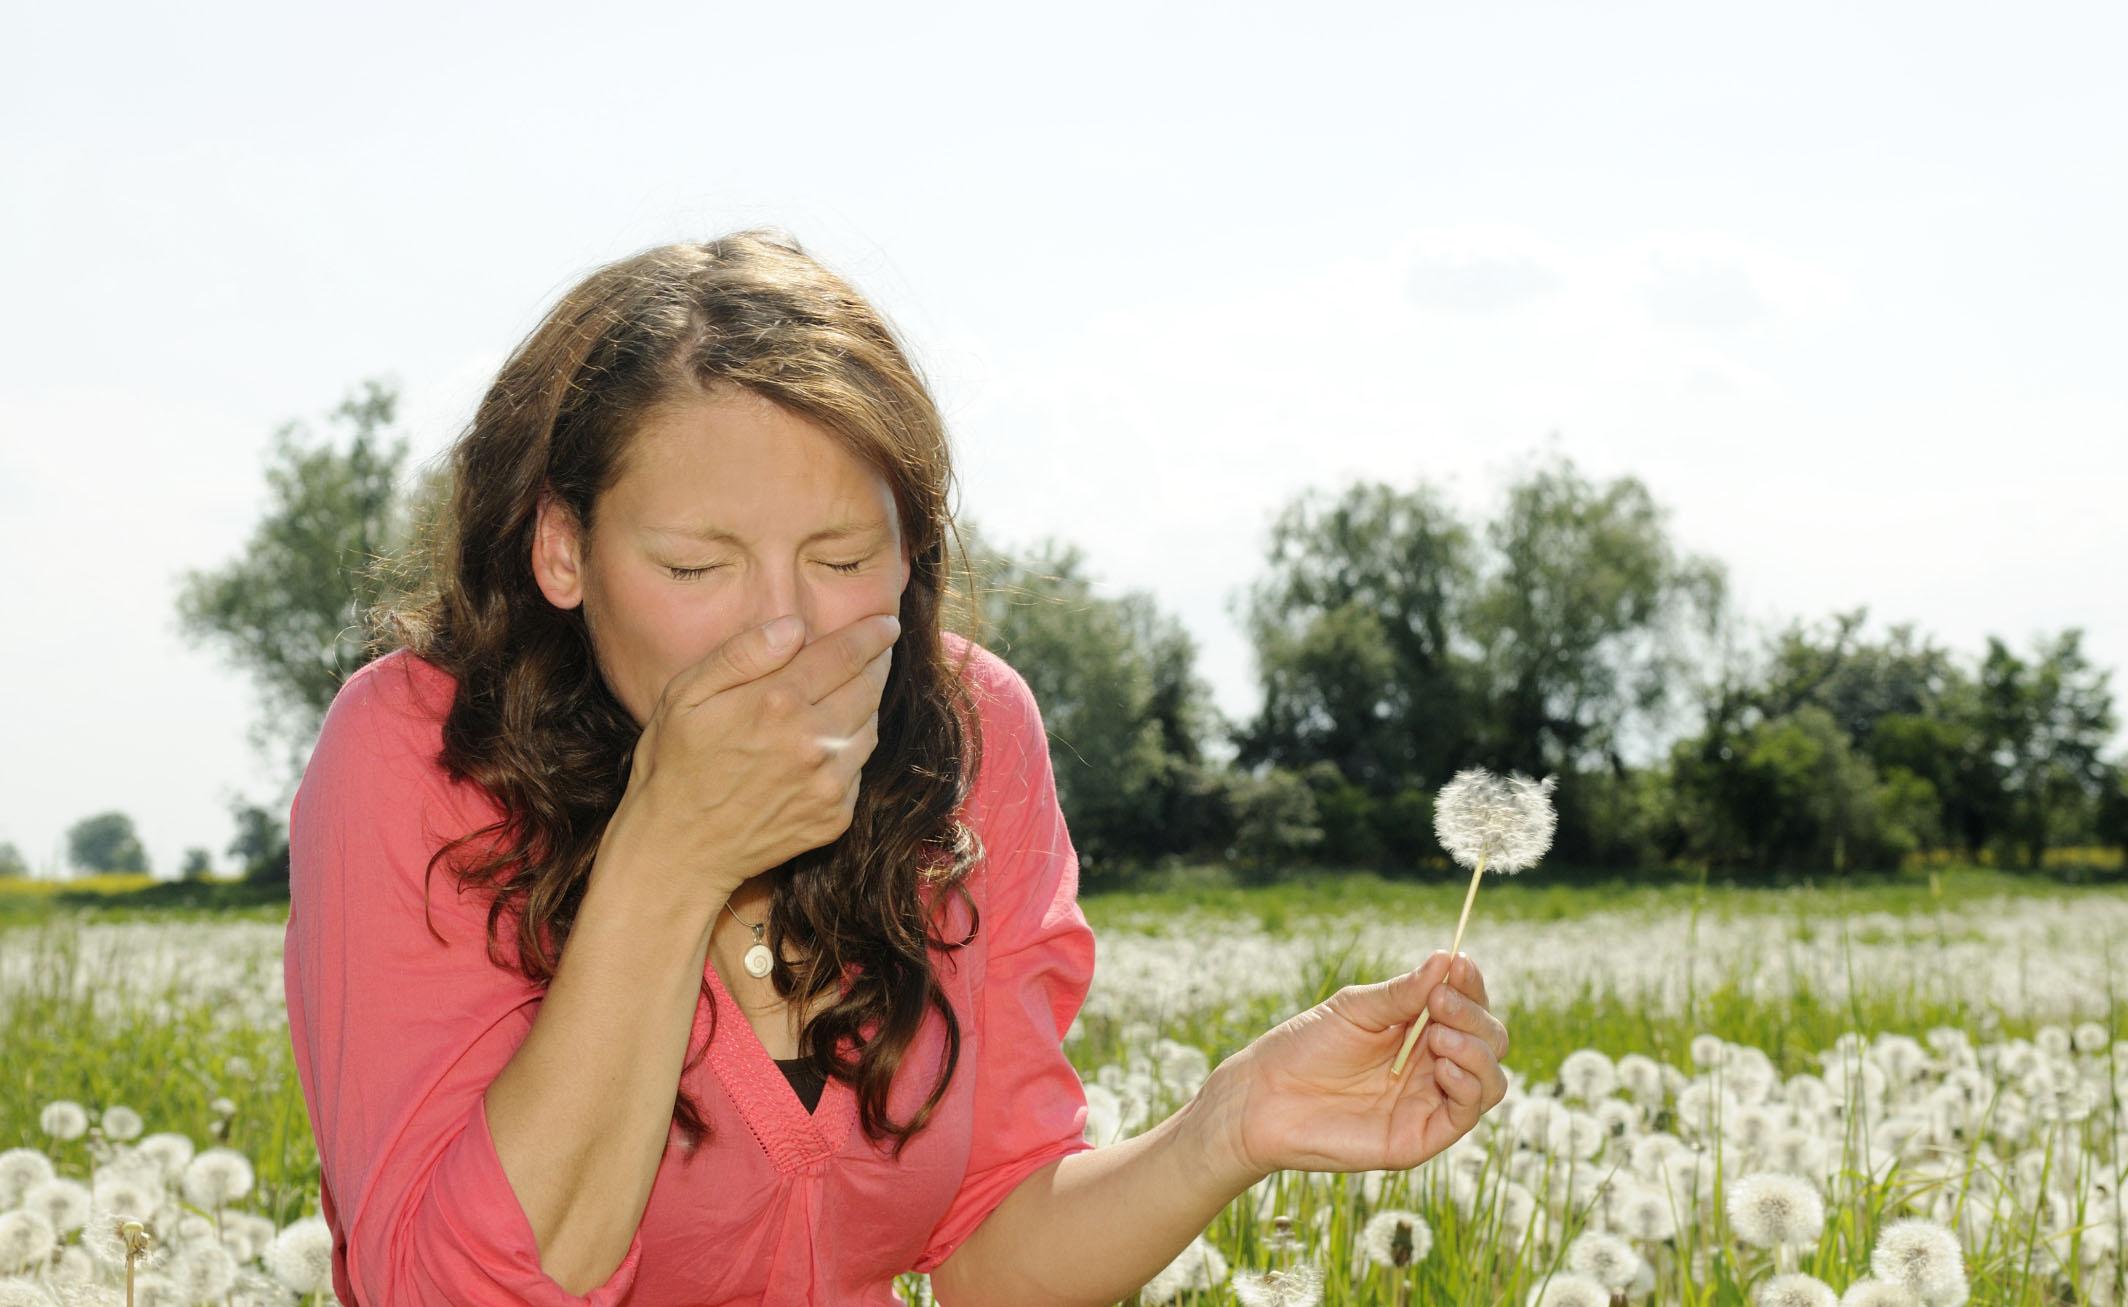 Allergia in arrivo: come prepararci?